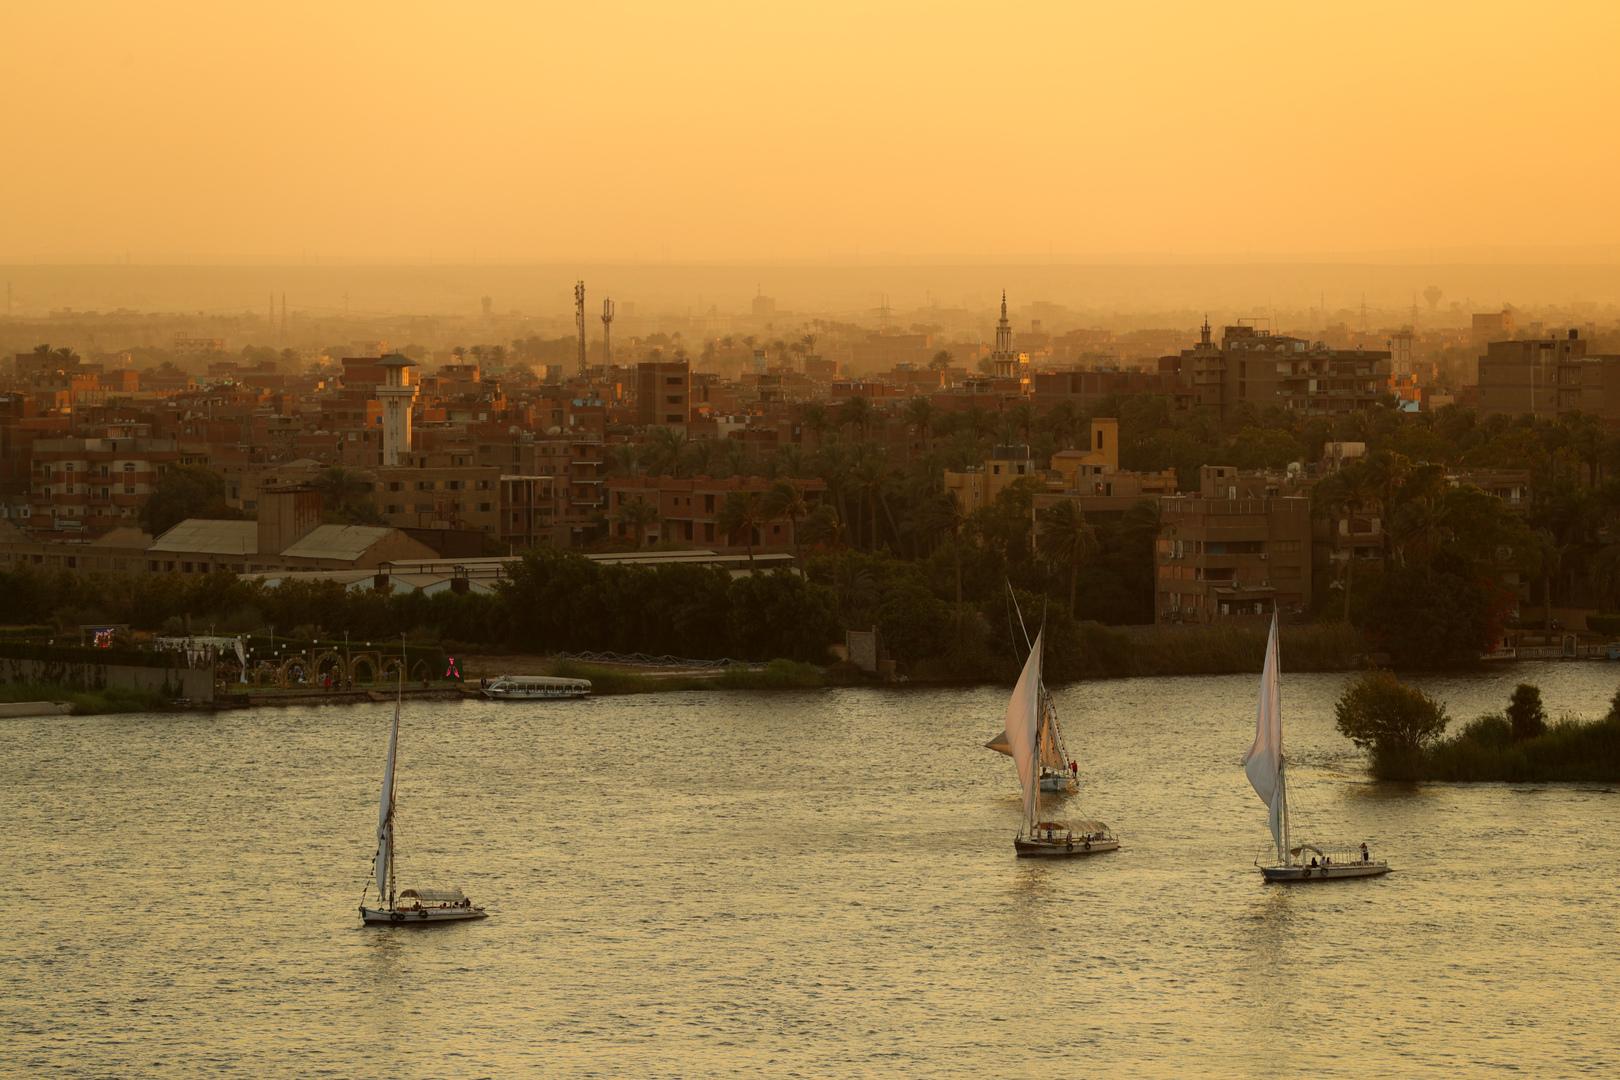 تعويم المركب المائل في نهر النيل في مصر بعد أسبوعين من الأزمة